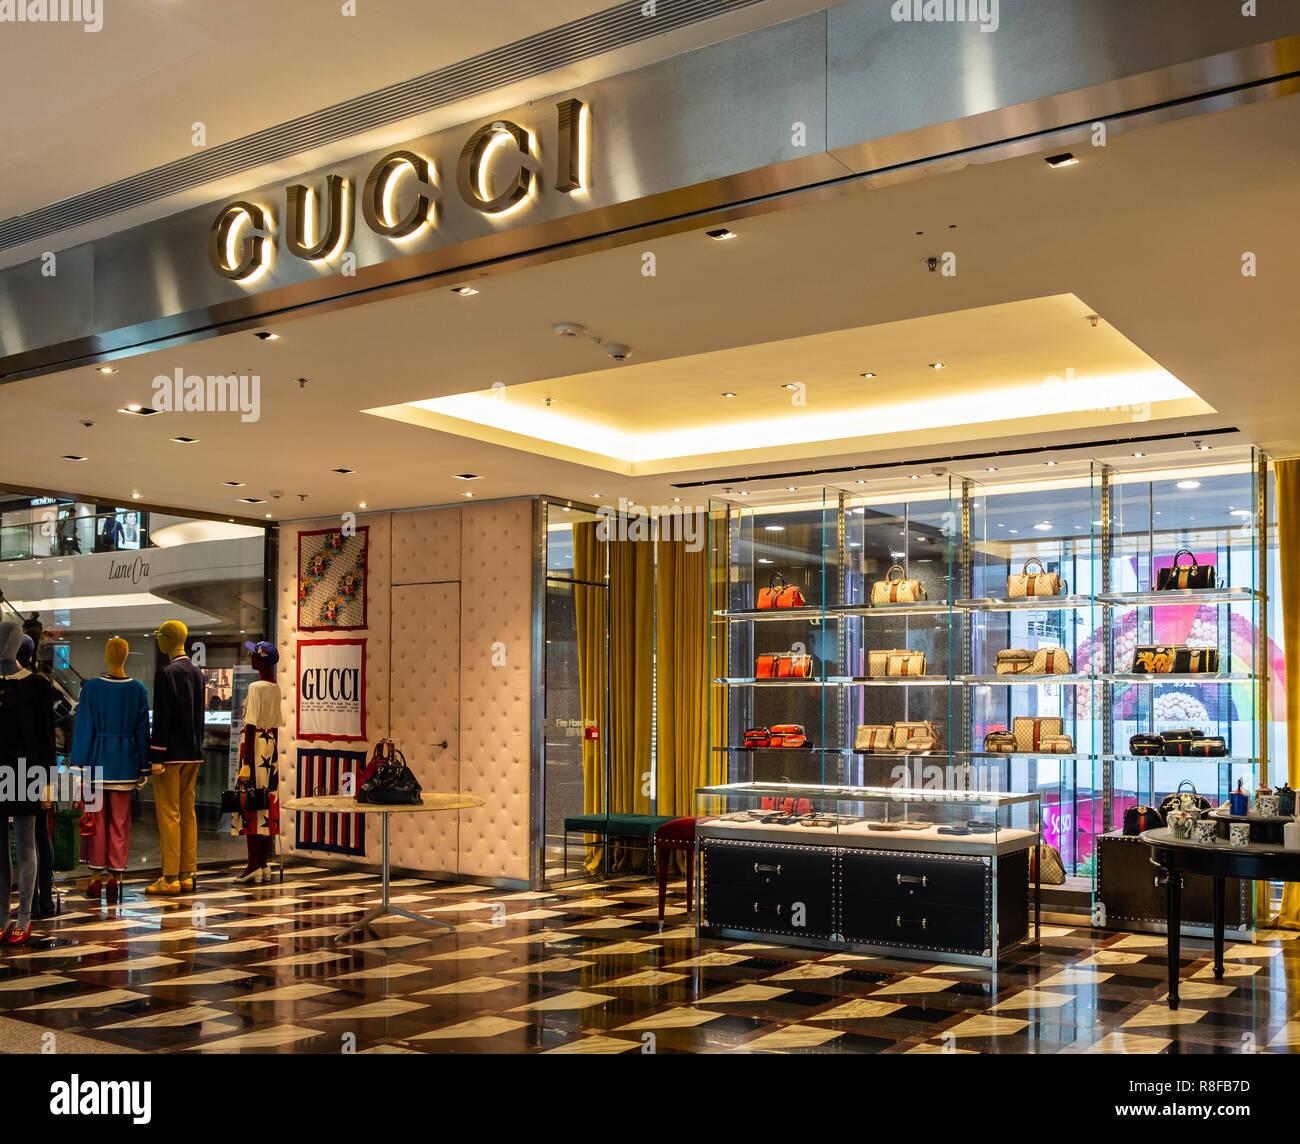 Boutique Gucci Stockfotos und -bilder Kaufen - Alamy